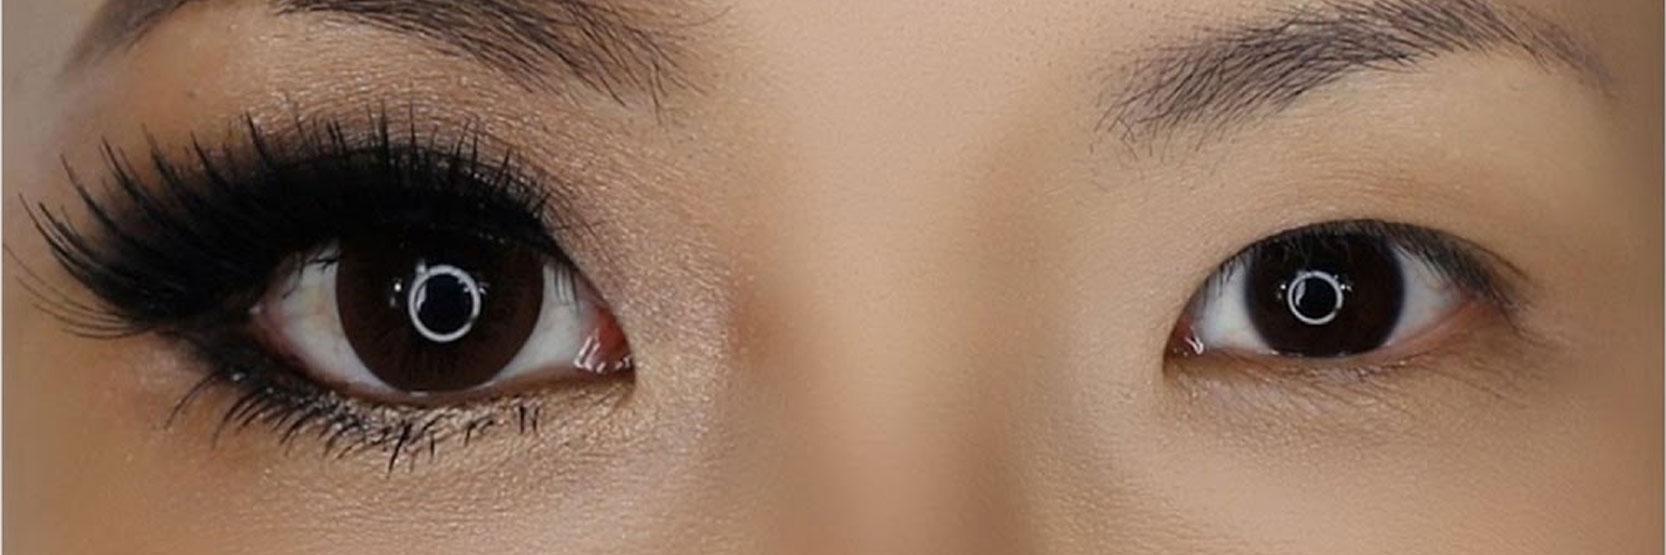 الحصول على أعين أكبر حجمًا من مكياج تكبير العيون